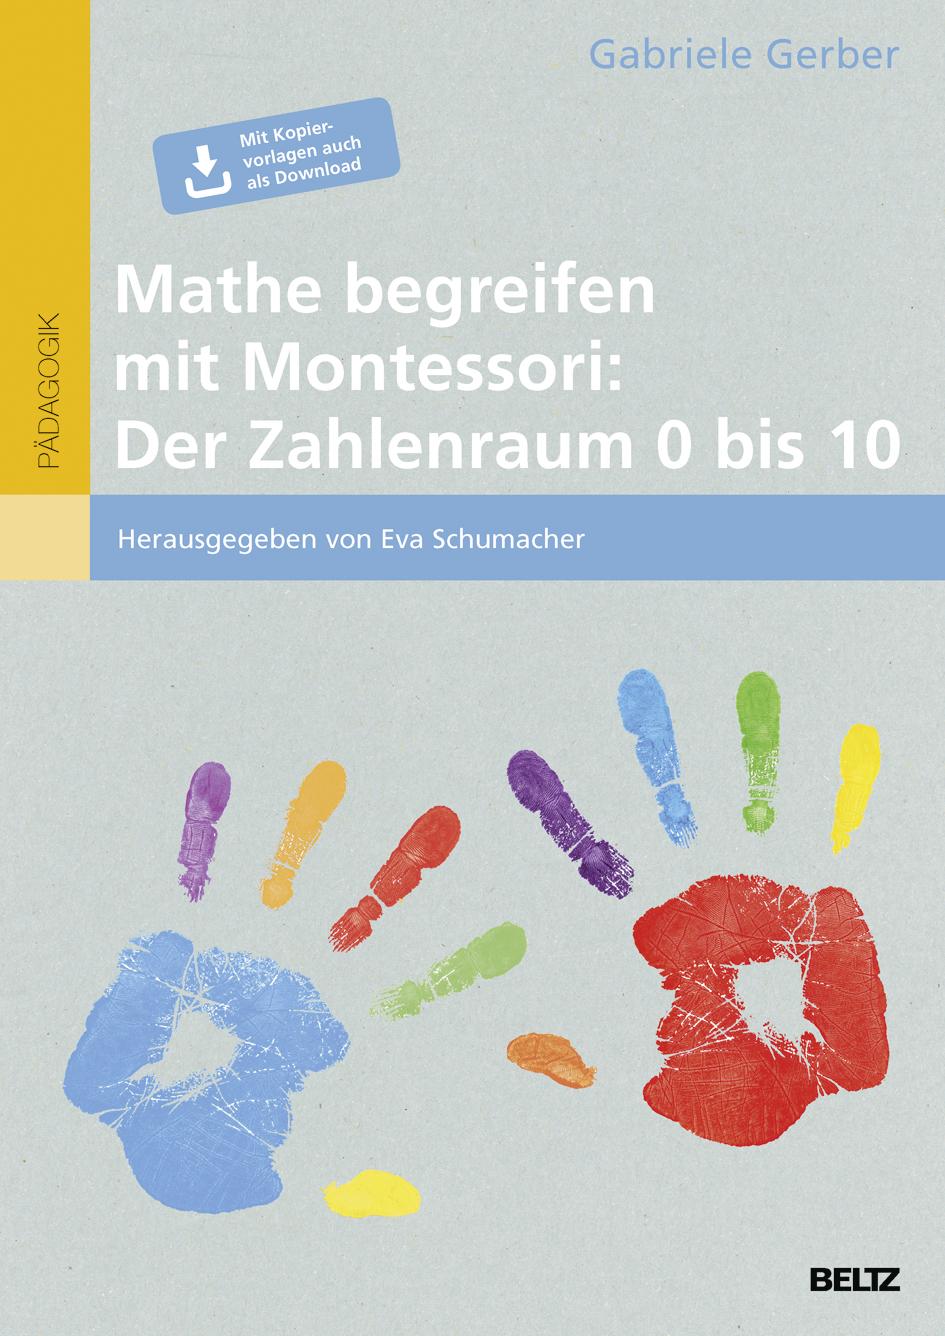 Mathe begreifen mit Montessori: Der Zahlenraum 0 bis 10 - Mit ...